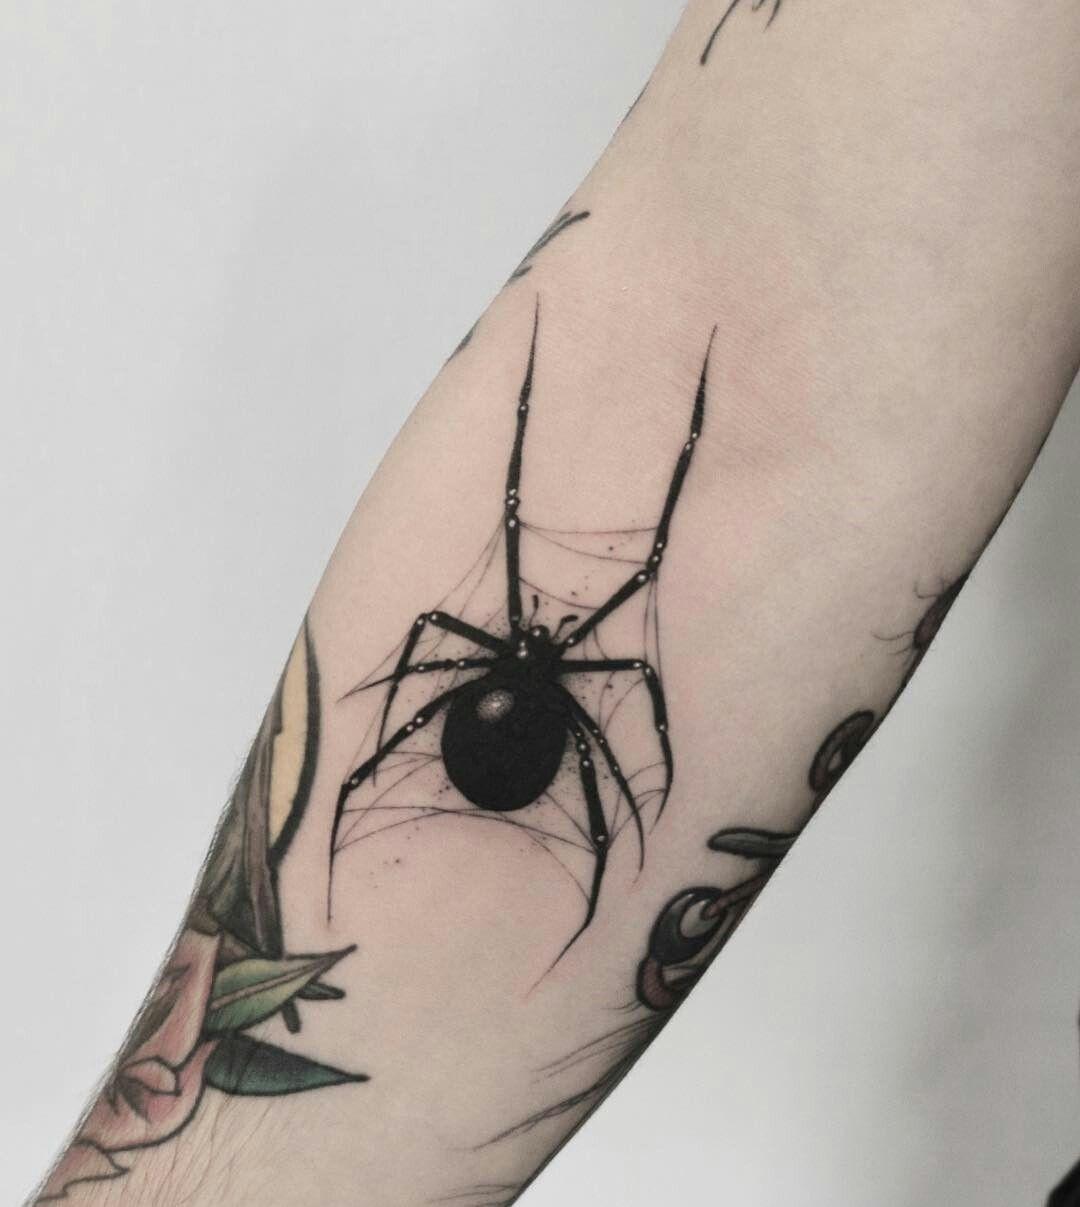 Pin De Gabriel Goroth Em Teia De Aranha Tatuagem De Aranha Tatuagem Tatuagem Viuva Negra